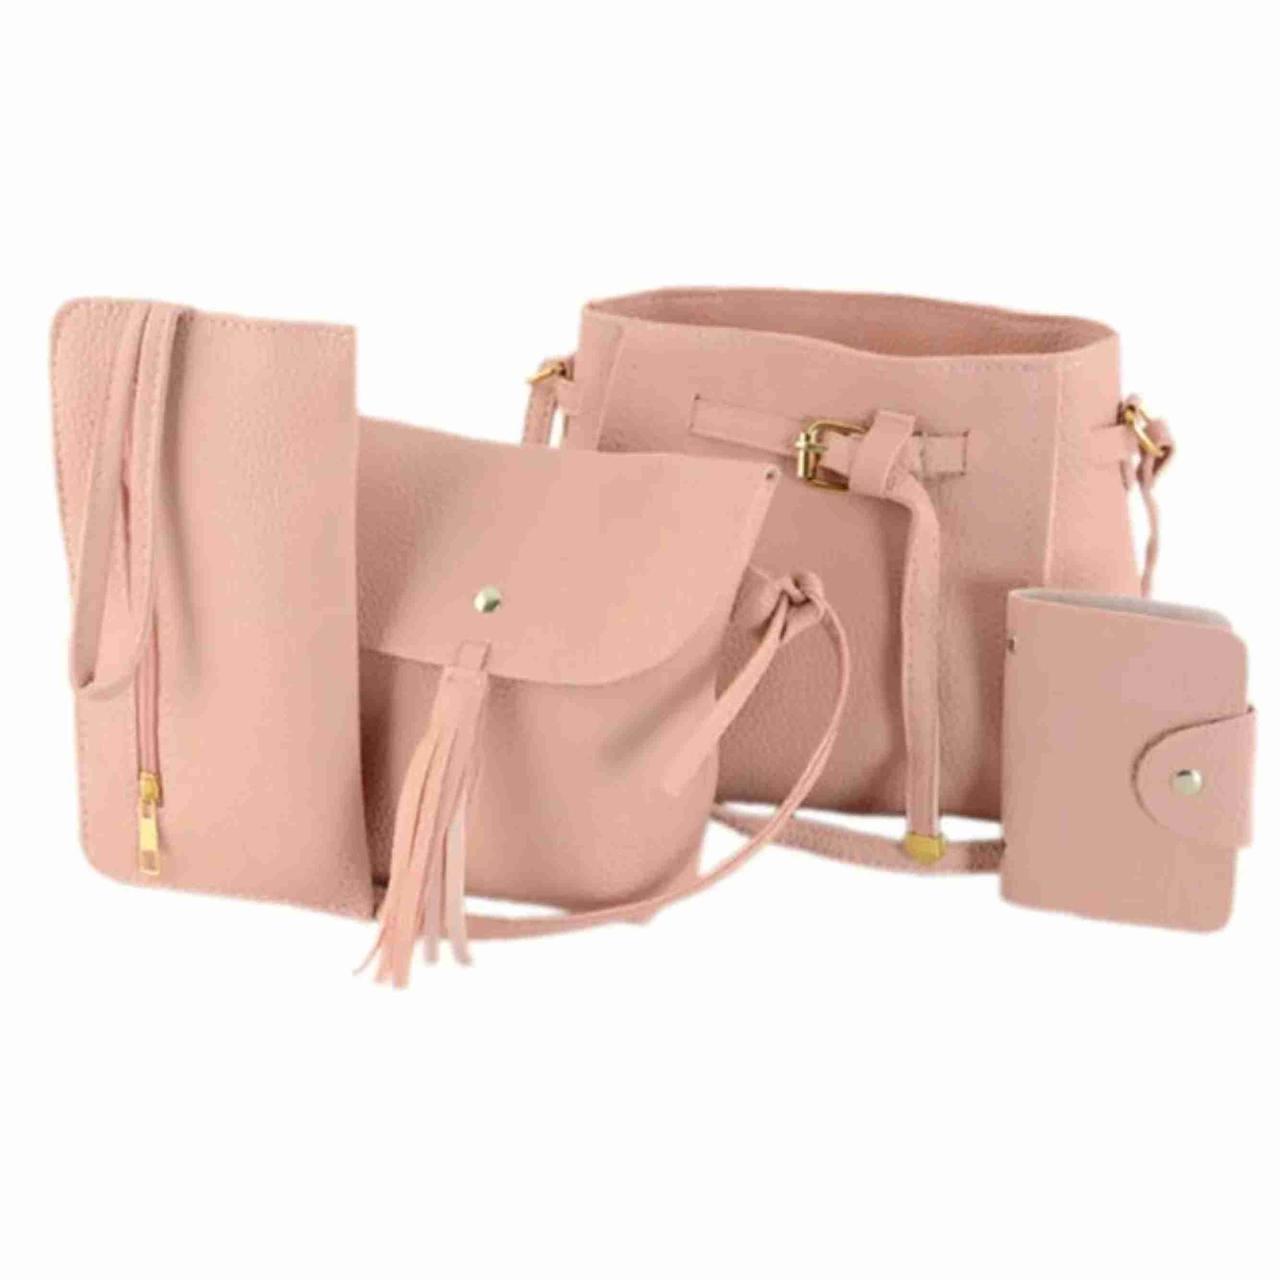 Женская сумка / Женская сумка LADY BAG 2B   Женская сумка LADY BAG 2B Пудровая   Комлект женских сумок 4 в 1